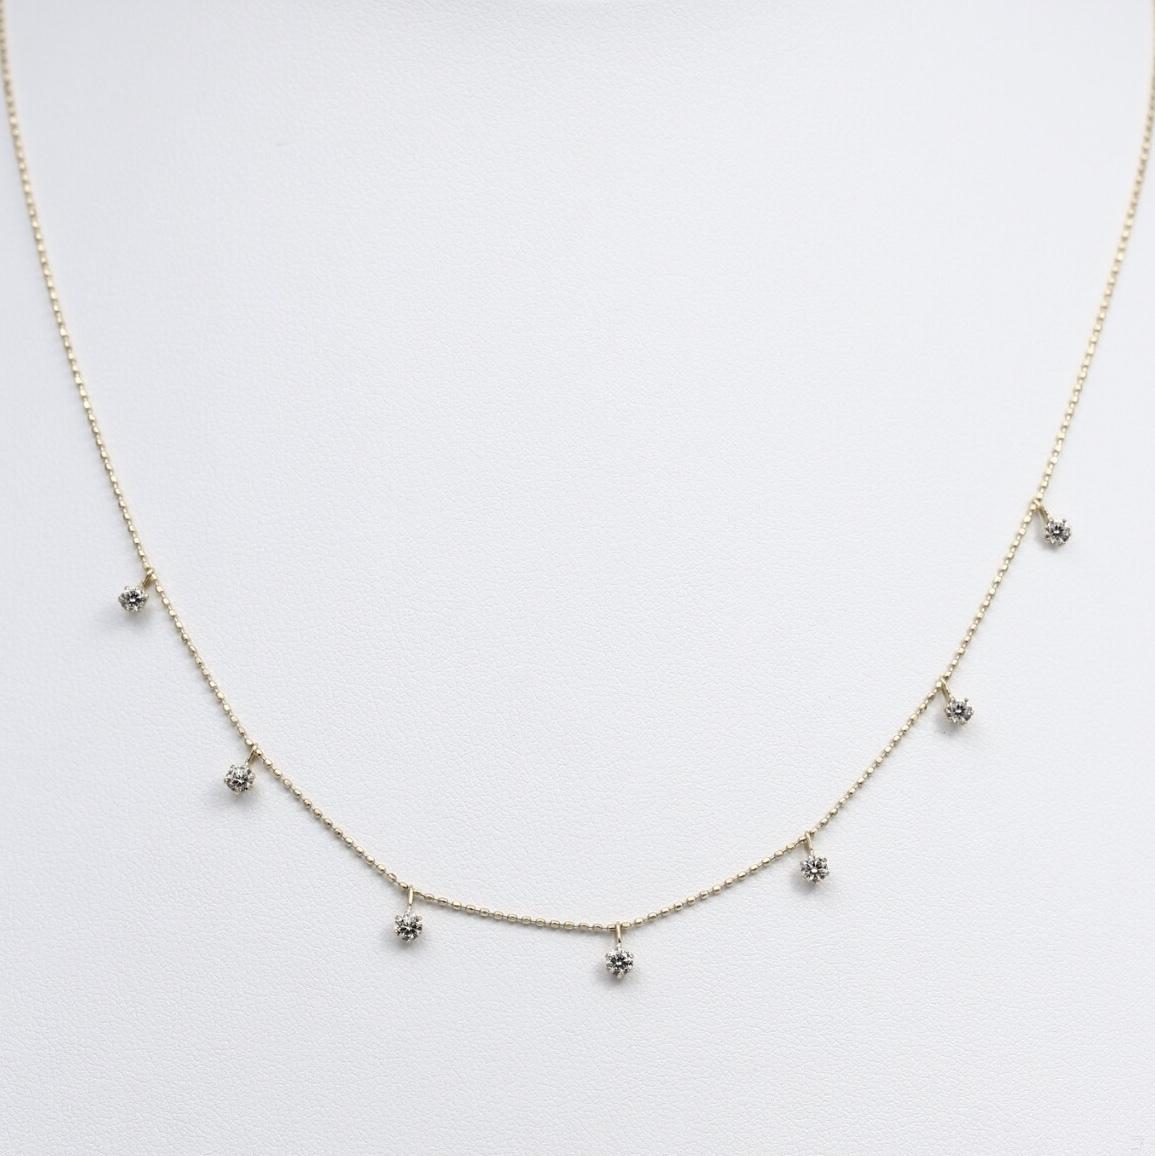 K18 0.50ctダイヤモンドネックレス